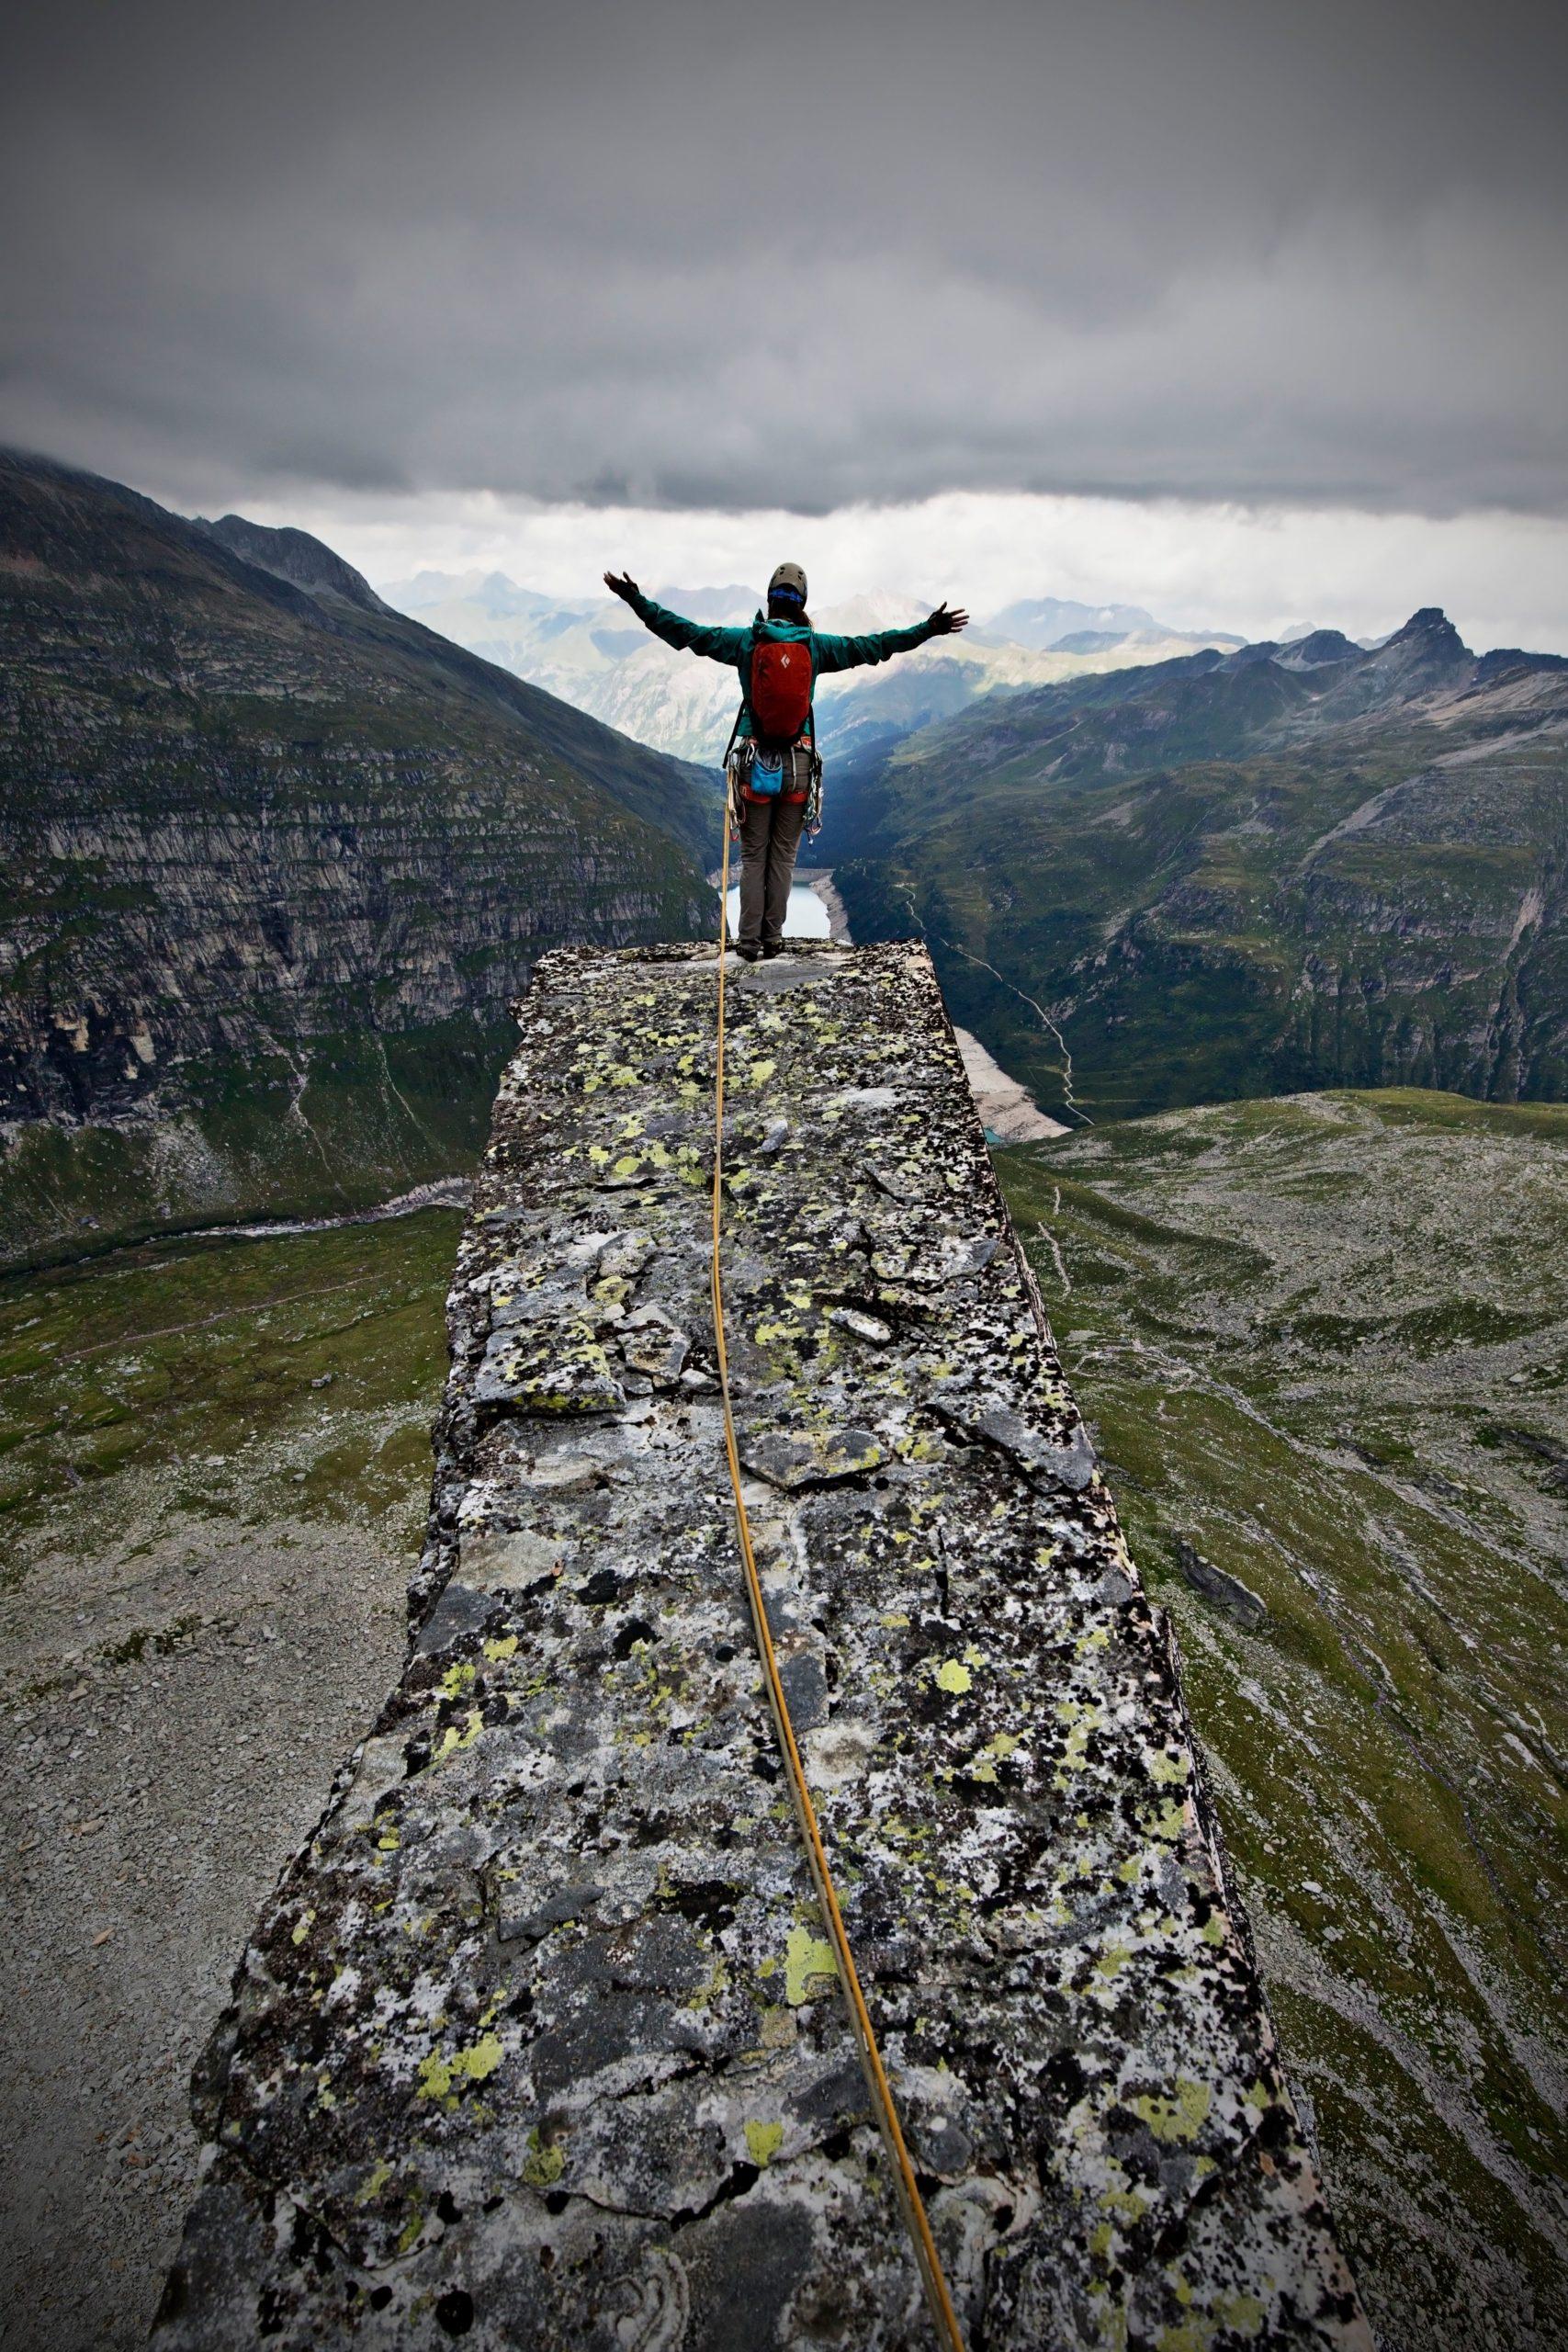 Gipfelgefühl beim Klettern